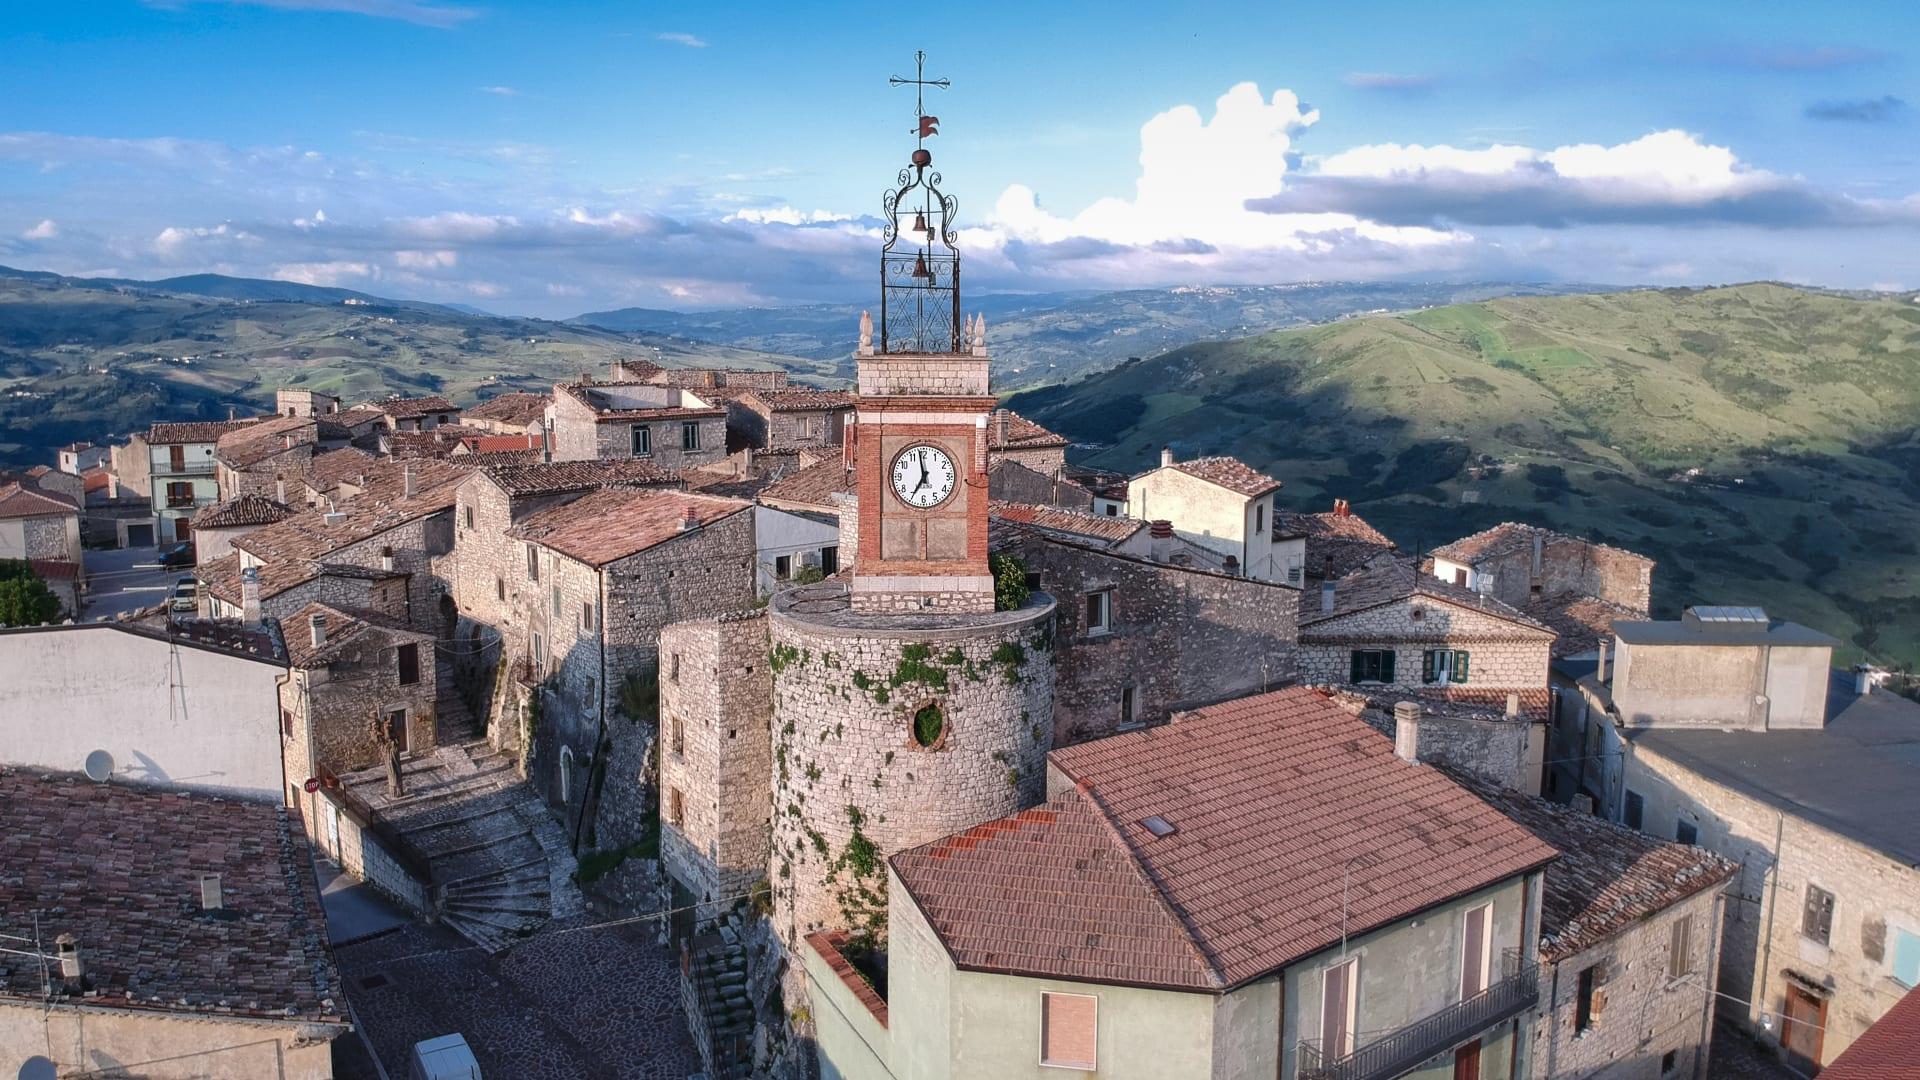 حاضنة لغابات مسحورة وقصص الأشباح.. إليك أحدث قرية إيطالية تعرض منازلها للبيع مقابل دولار فقط